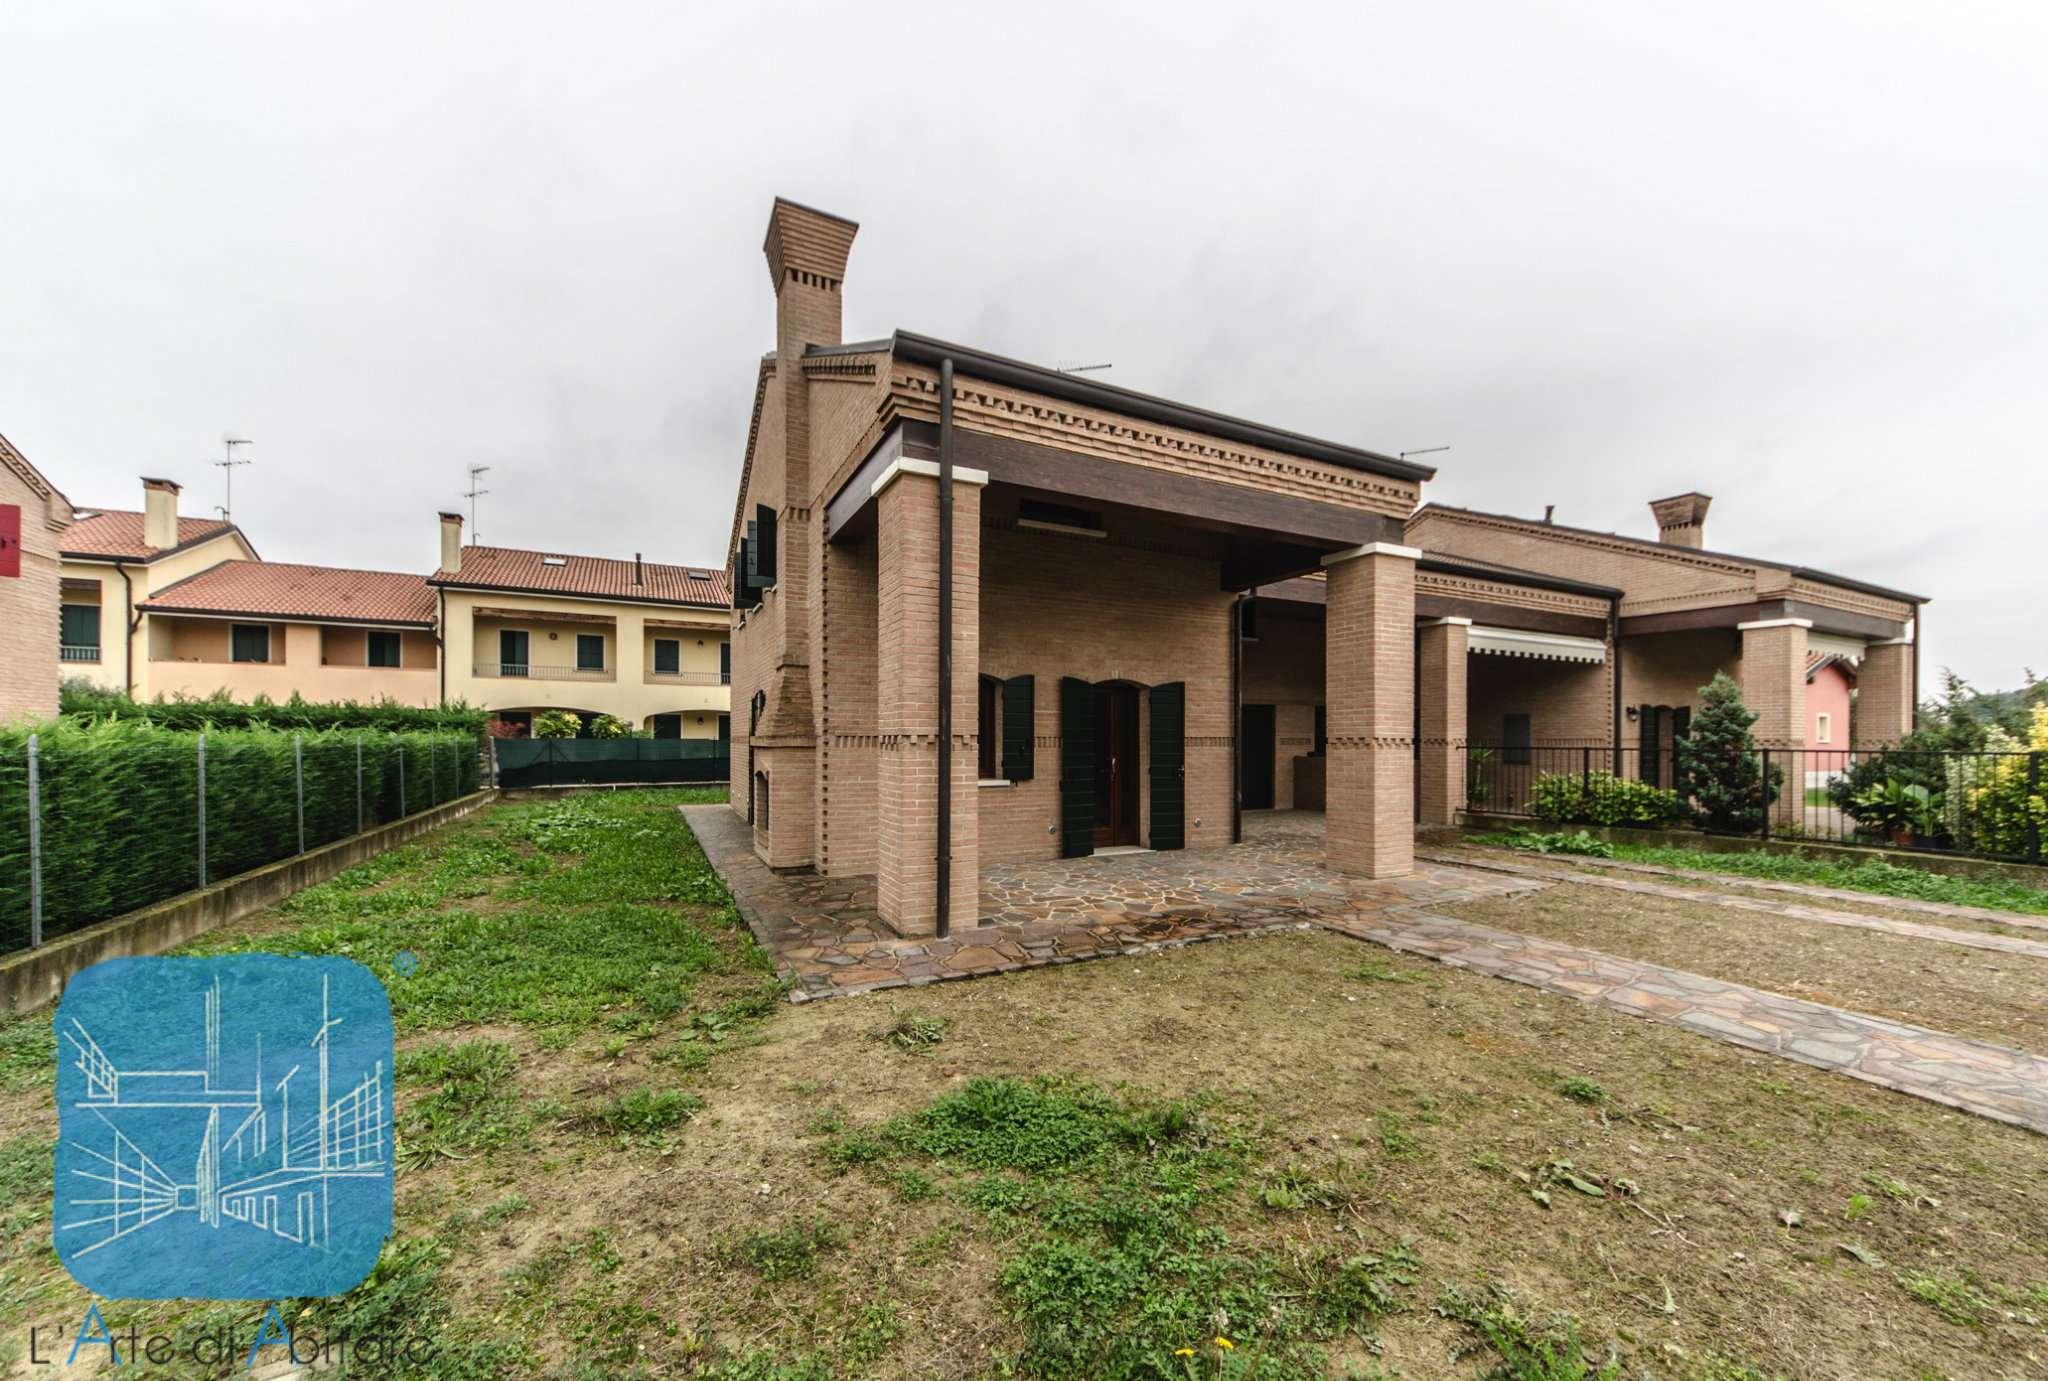 Villa Bifamiliare in Vendita a Villanova di Camposampiero